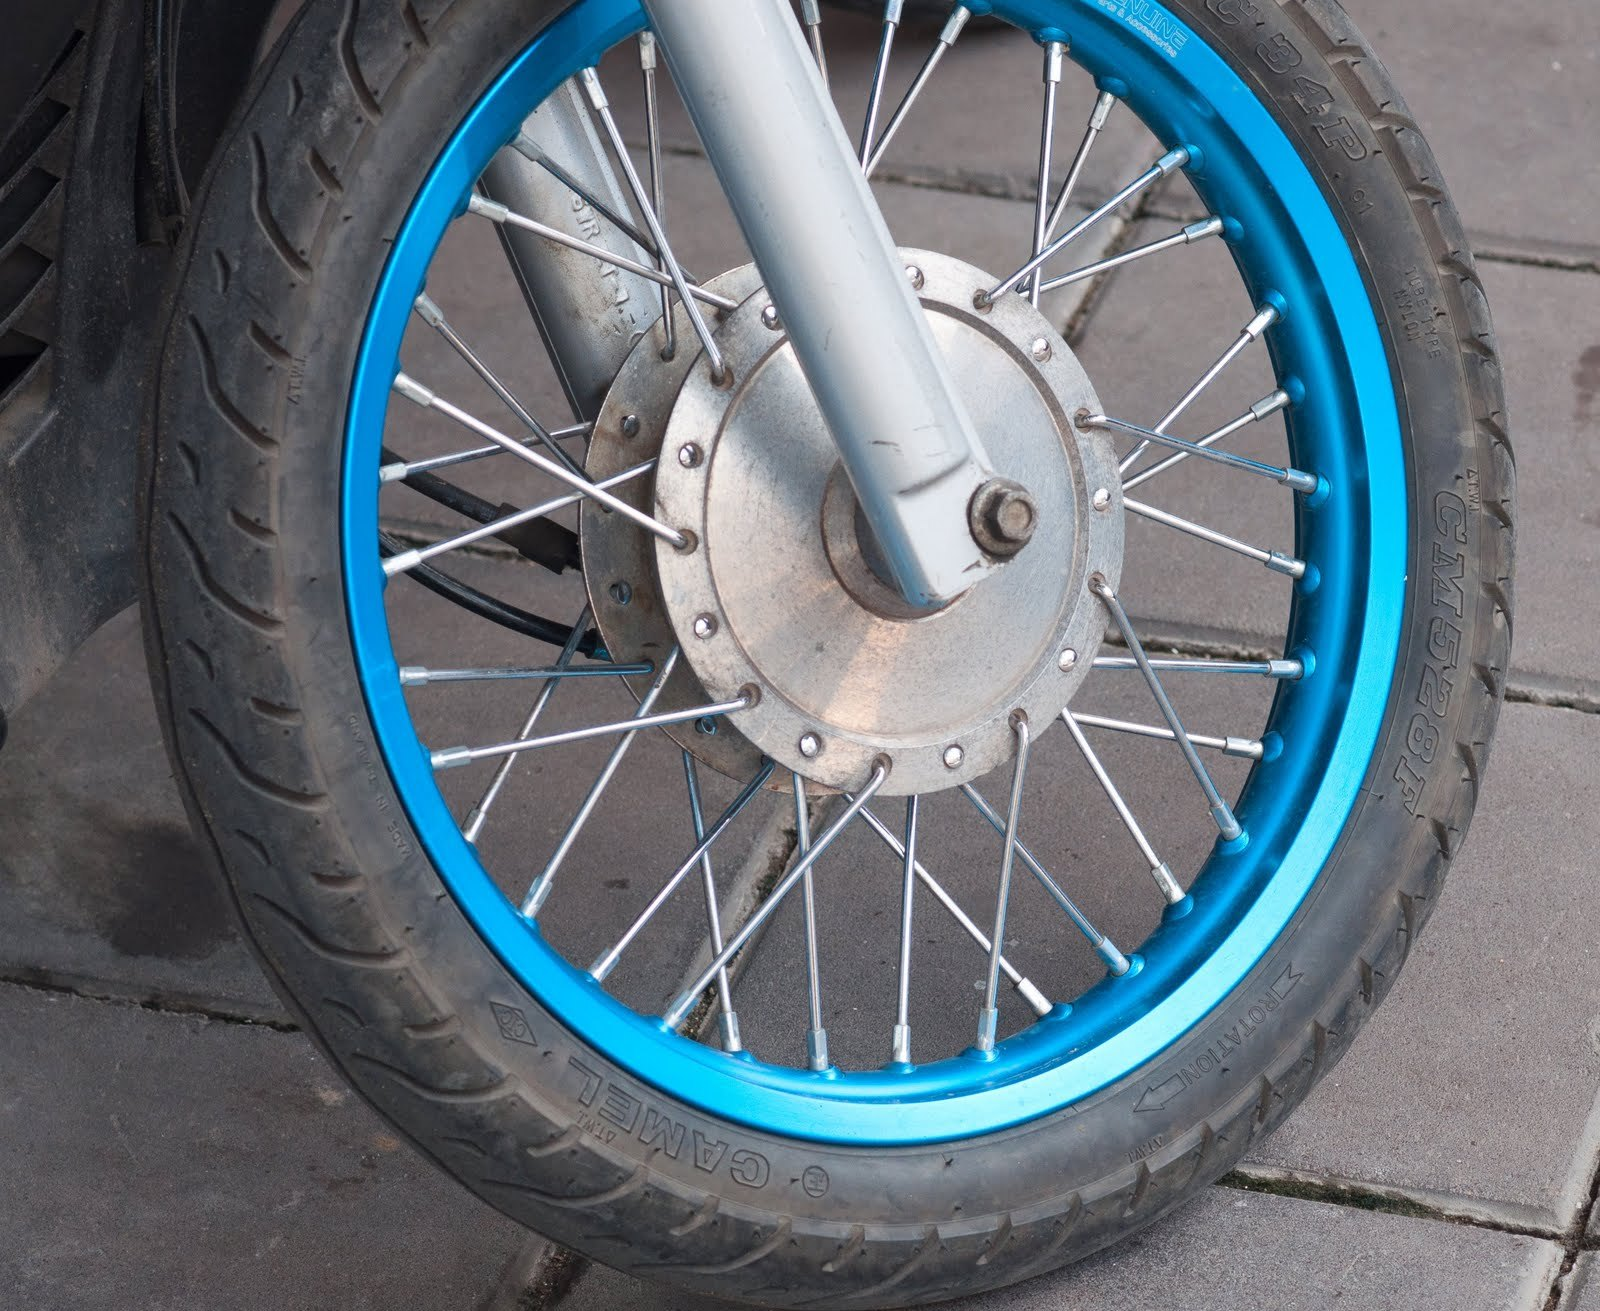 Gudang Ilmu Mengapa Ban Sepeda Motor Menjadi Kempes Jika